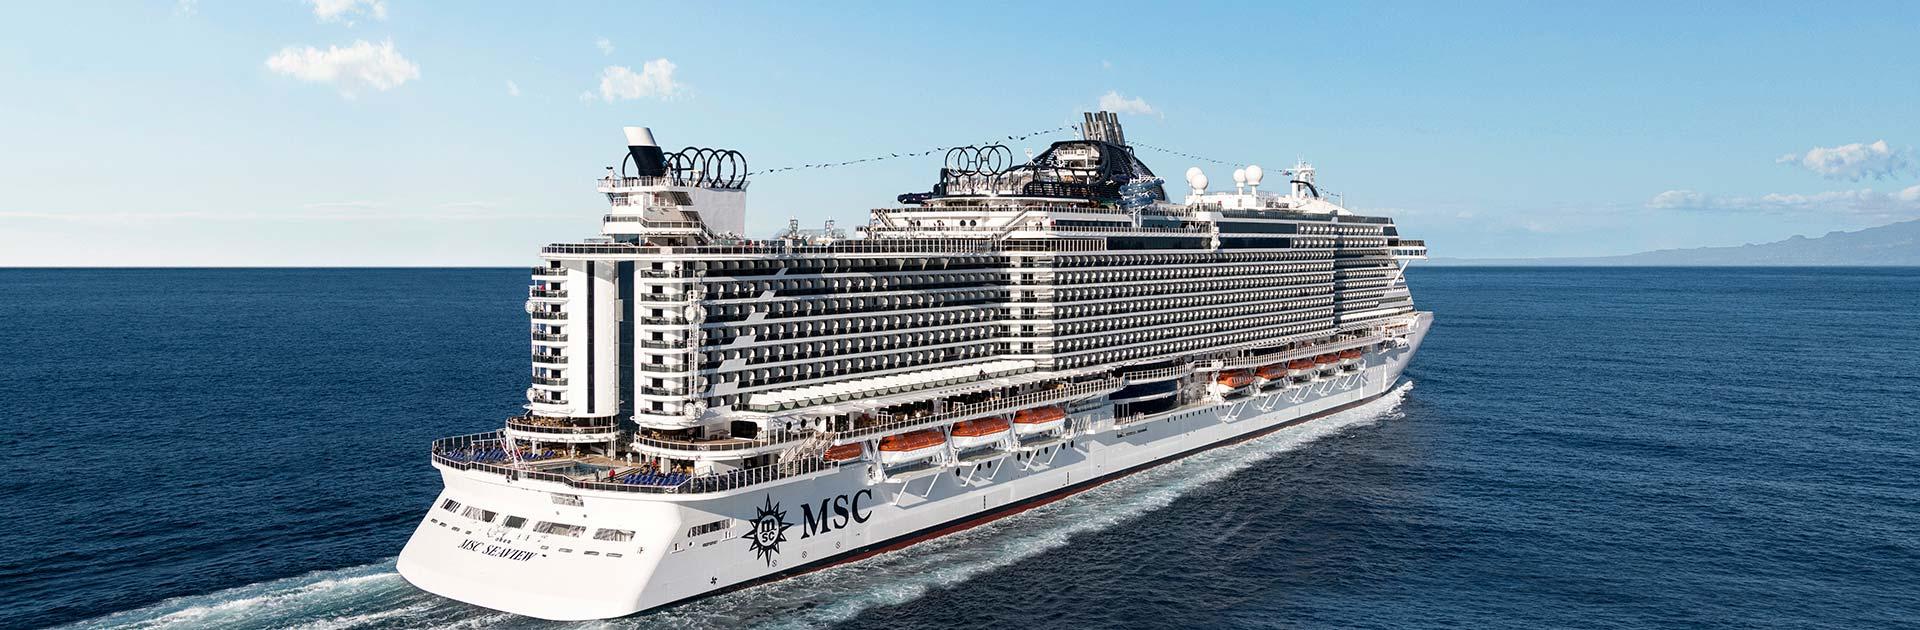 MSC-Seaview-ship